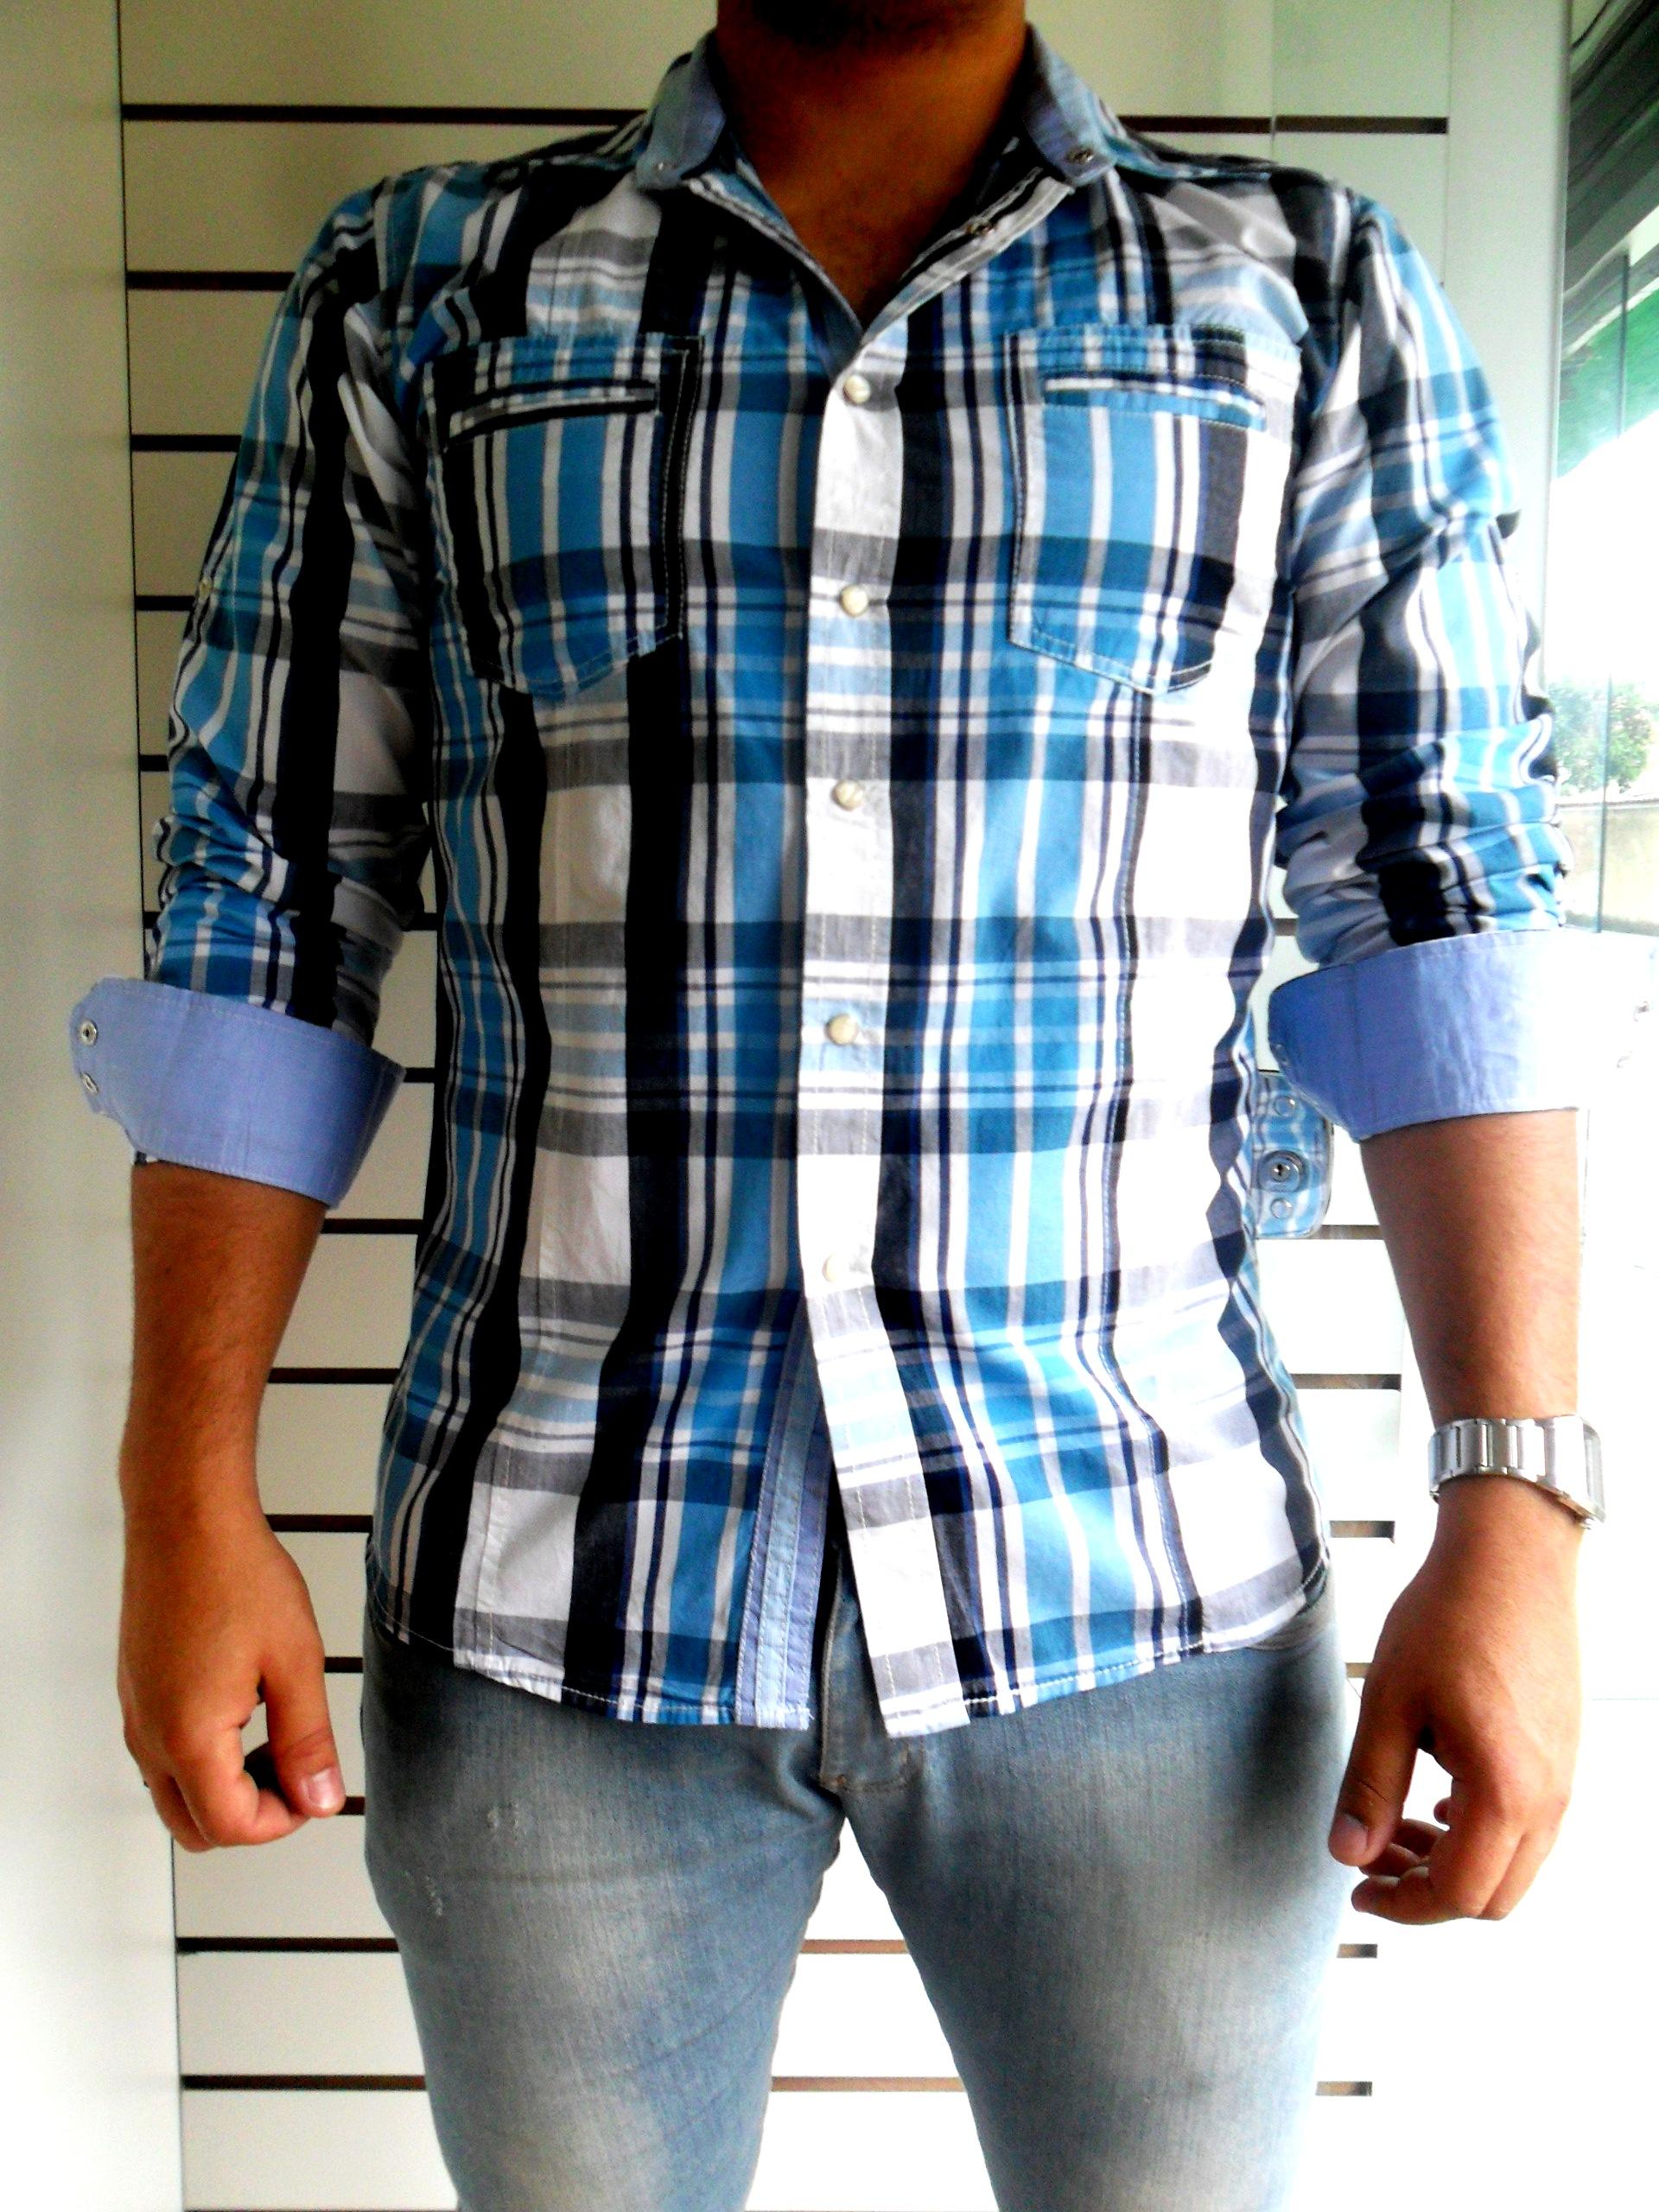 Camisas Masculinas em Diversos Modelos e Marcas | Ideias Mix